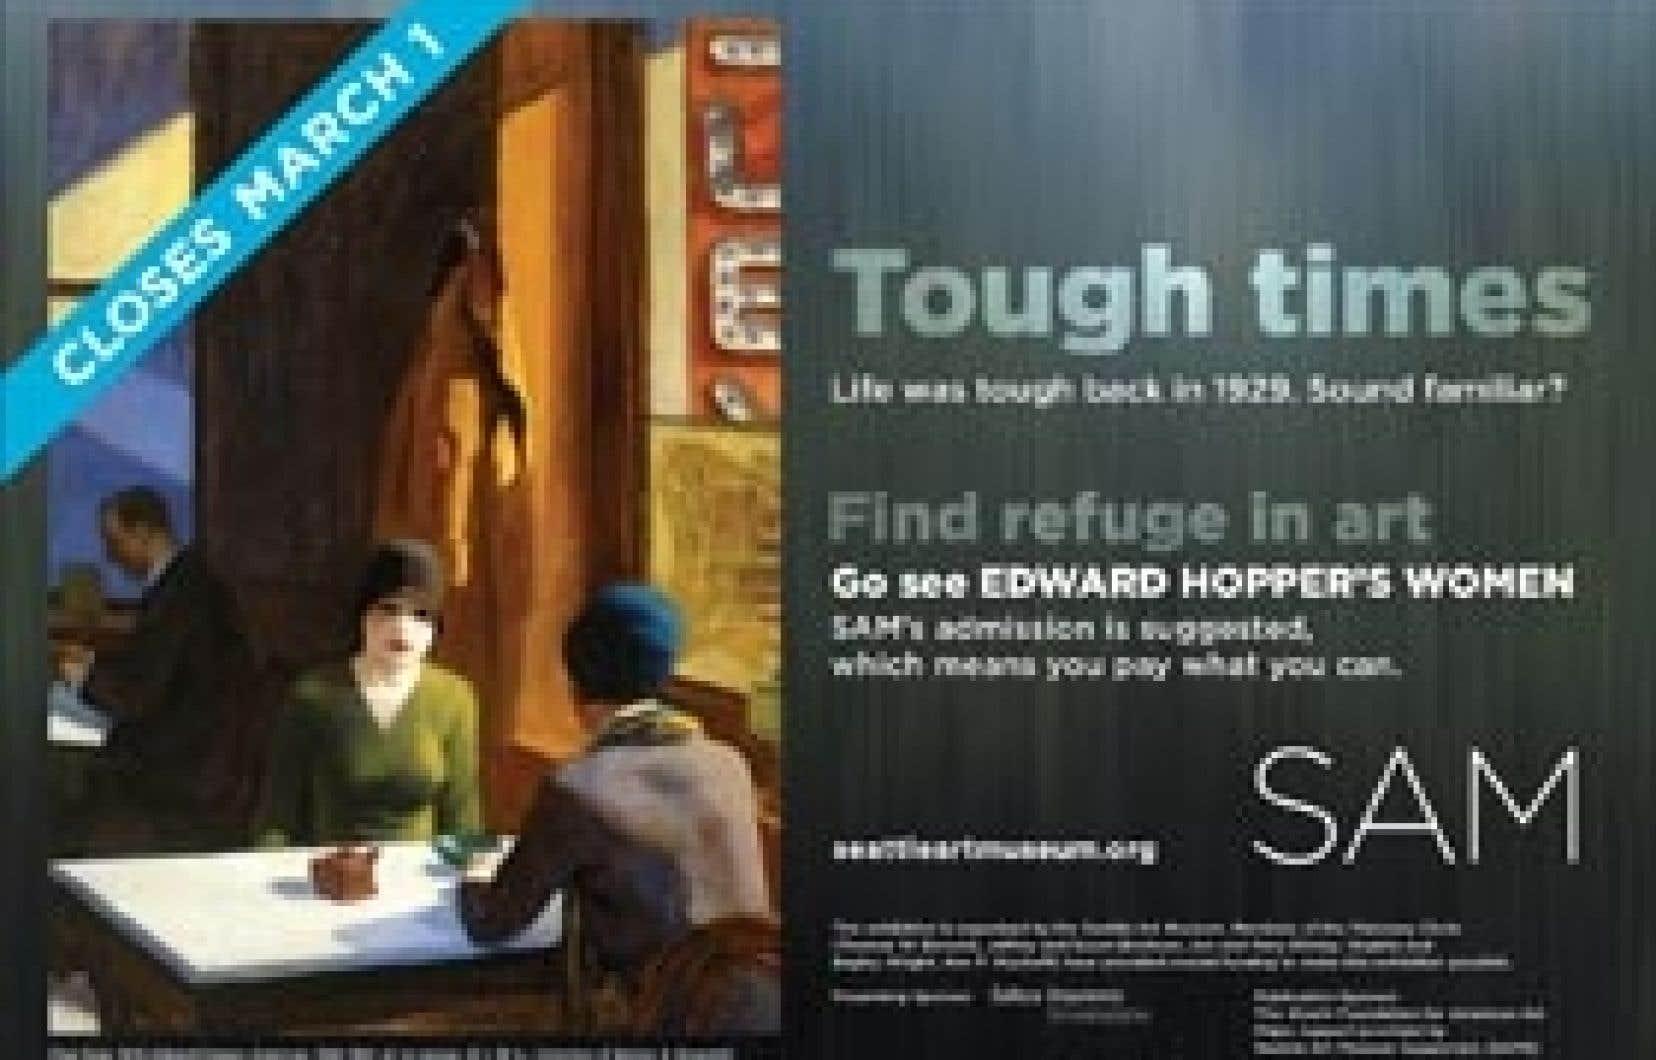 Au Seattle Art Museum, l'affiche de la récente exposition consacrée aux peintures d'Edward Hopper invitait les visiteurs à débourser ce qu'ils voulaient pour payer leur entrée.